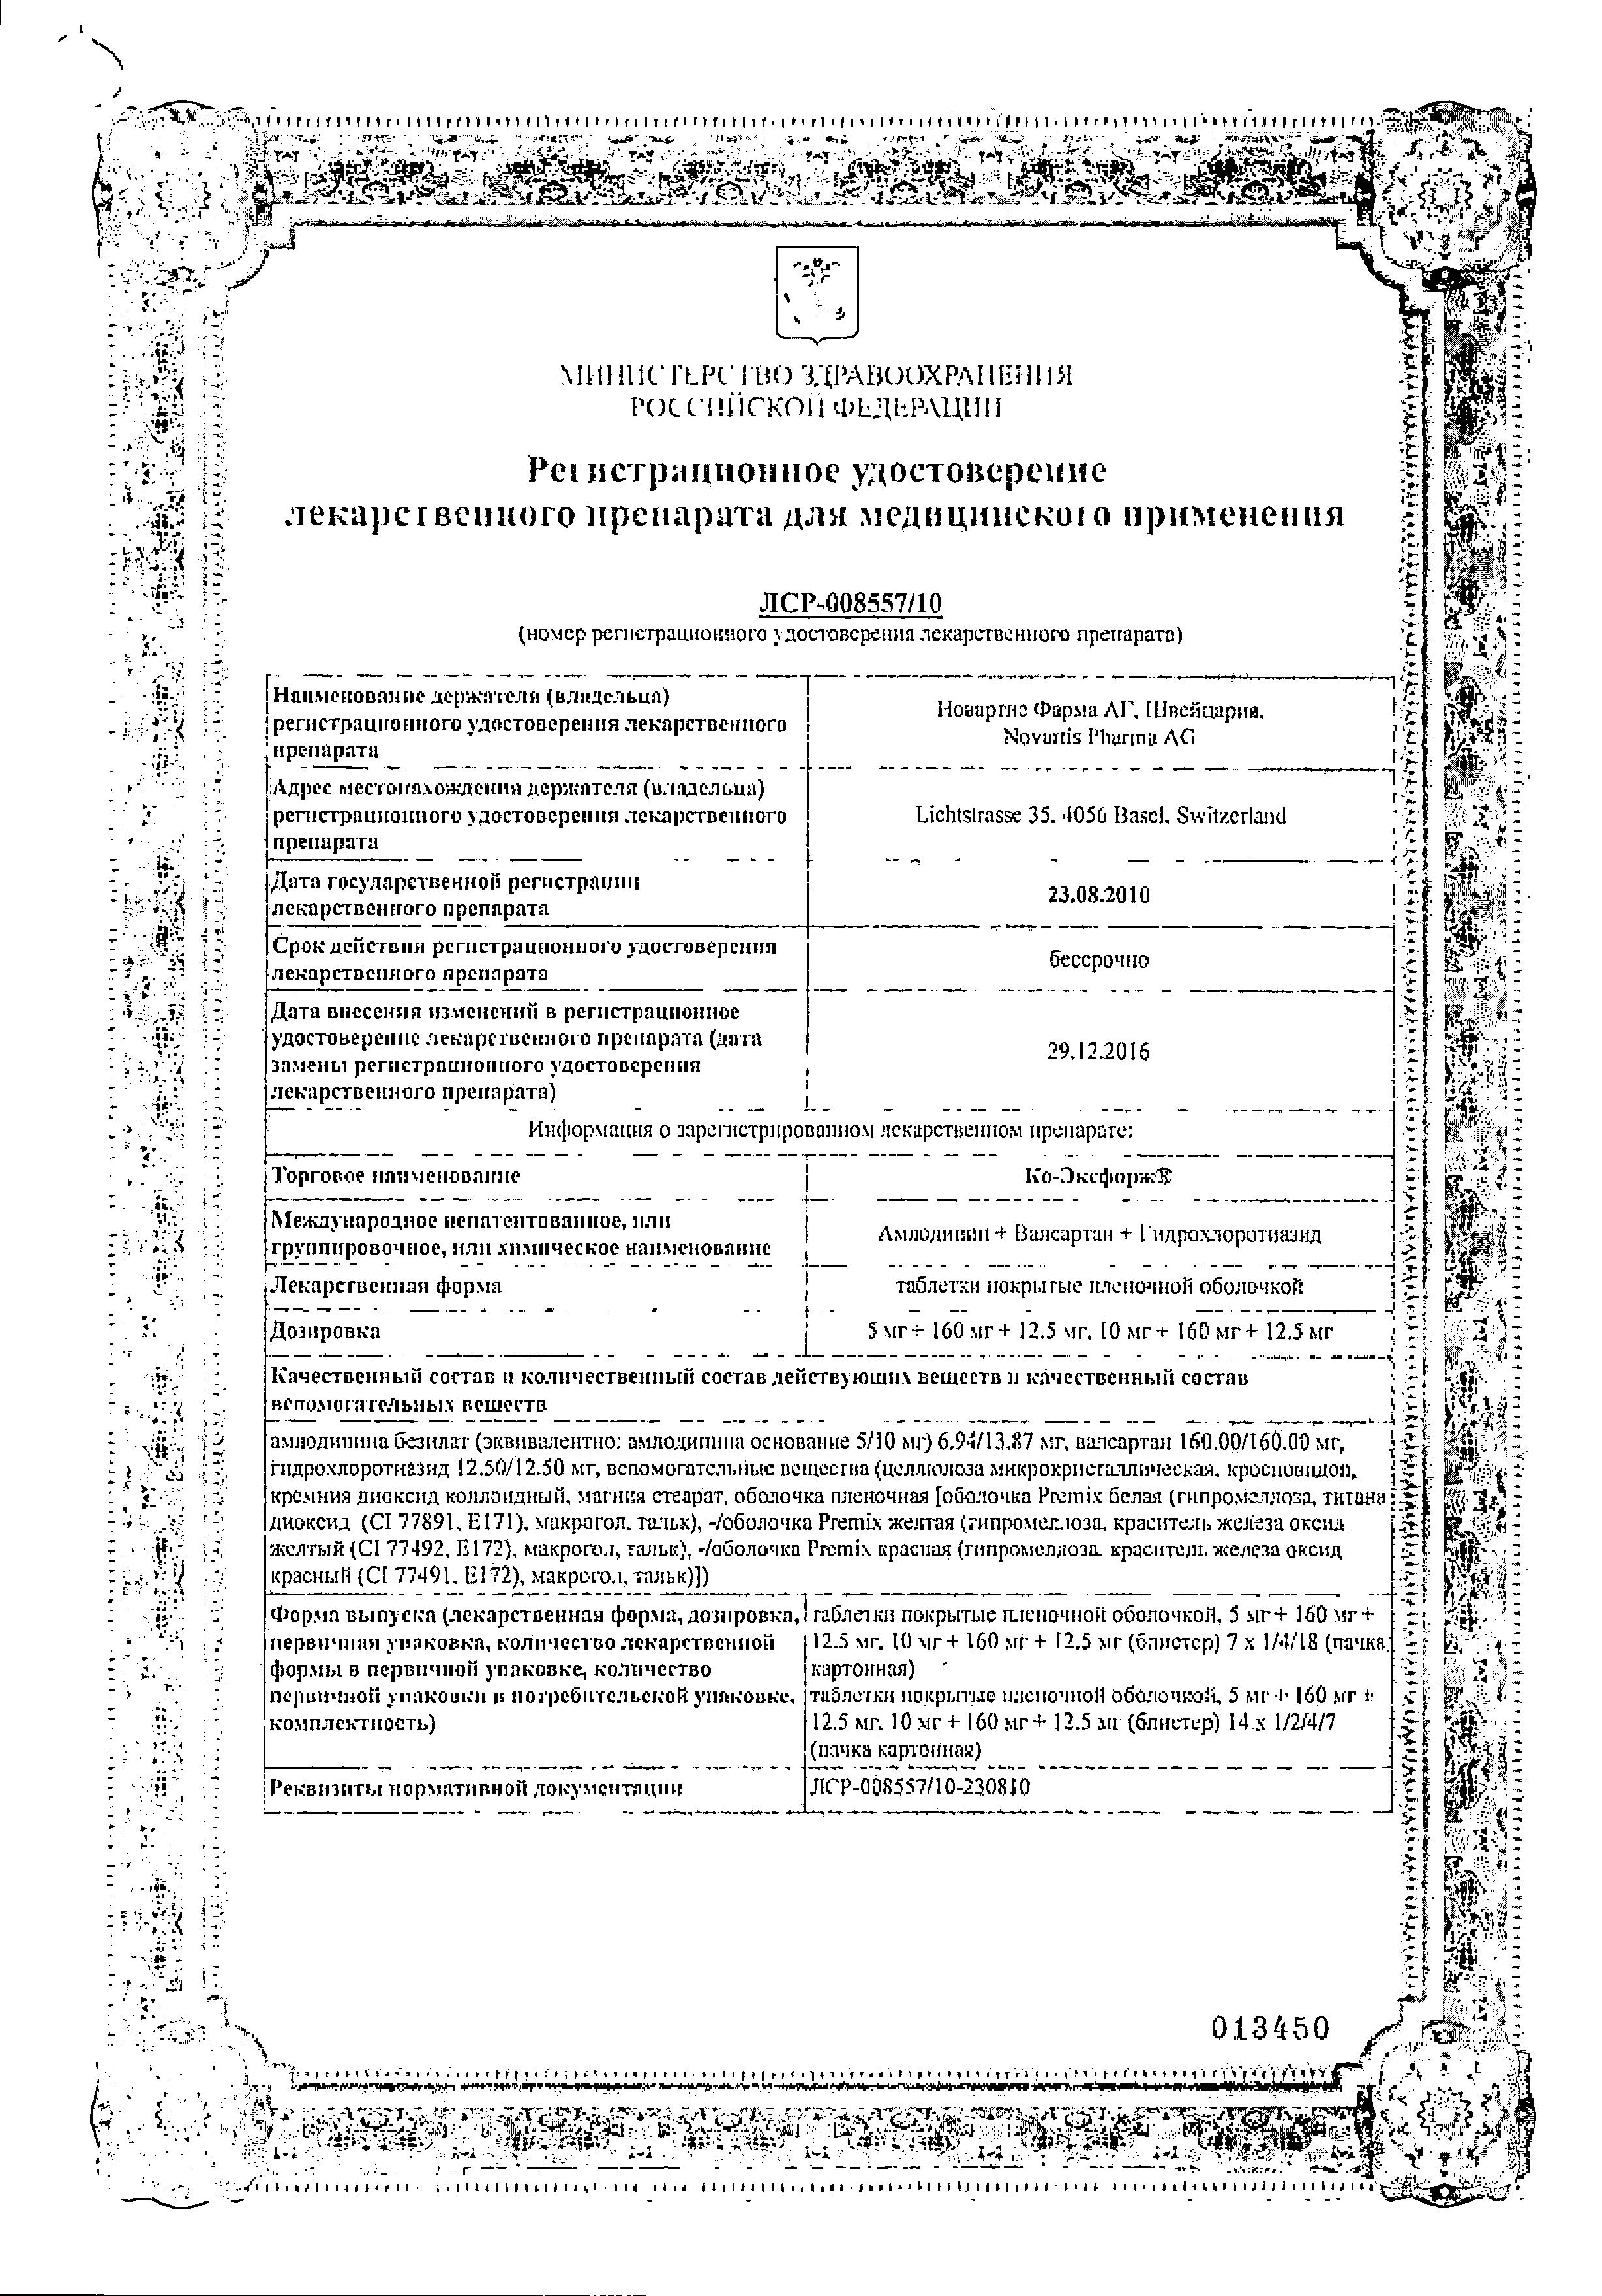 Ко-Эксфорж сертификат